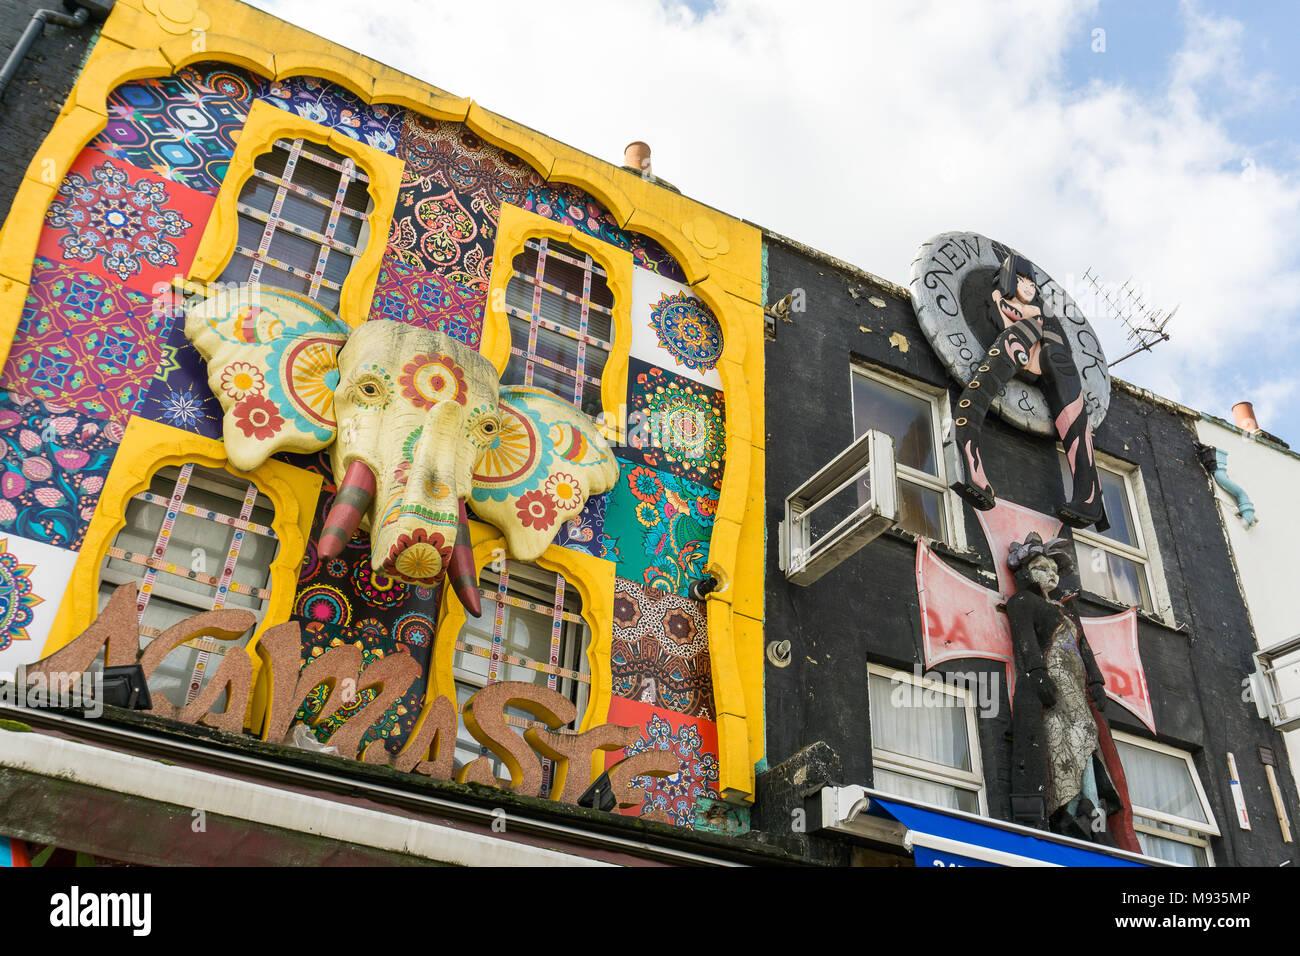 Front von einem Shop in Camdem Markt in London, Großbritannien Stockbild